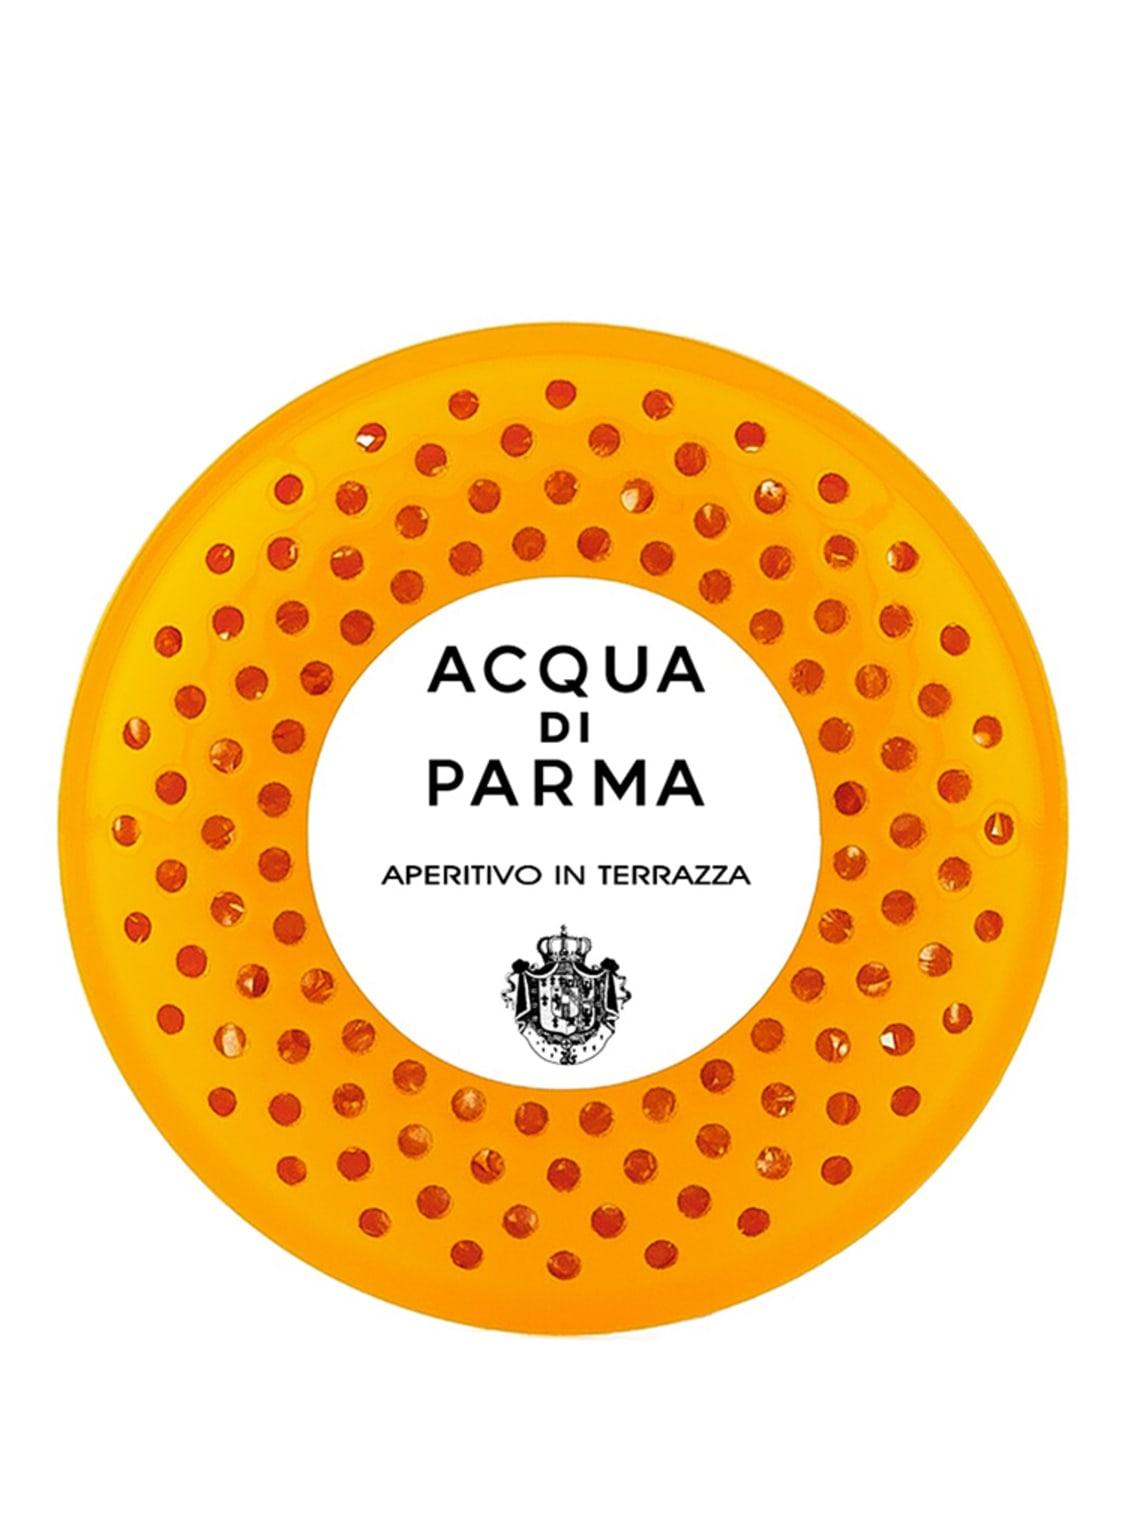 Image of Acqua Di Parma Aperitivo In Terrazza Refill Car Diffusor